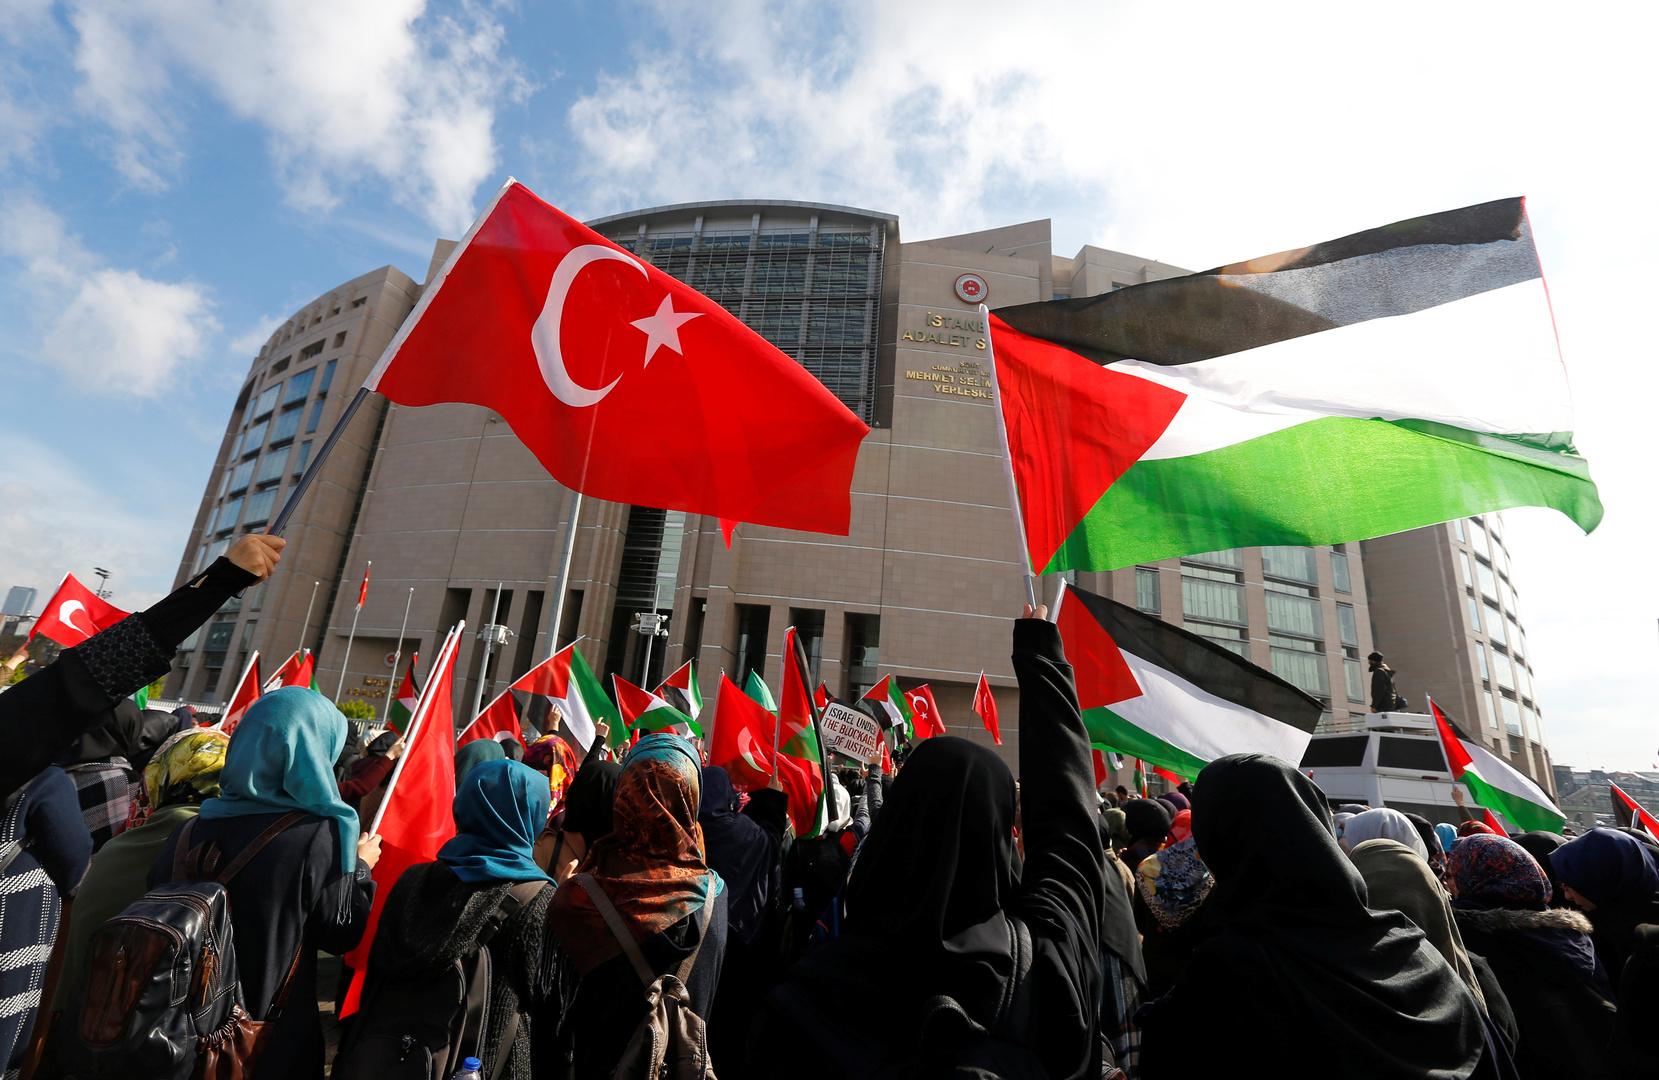 مواطنون يحملون الأعلام التركية والفلسطينية